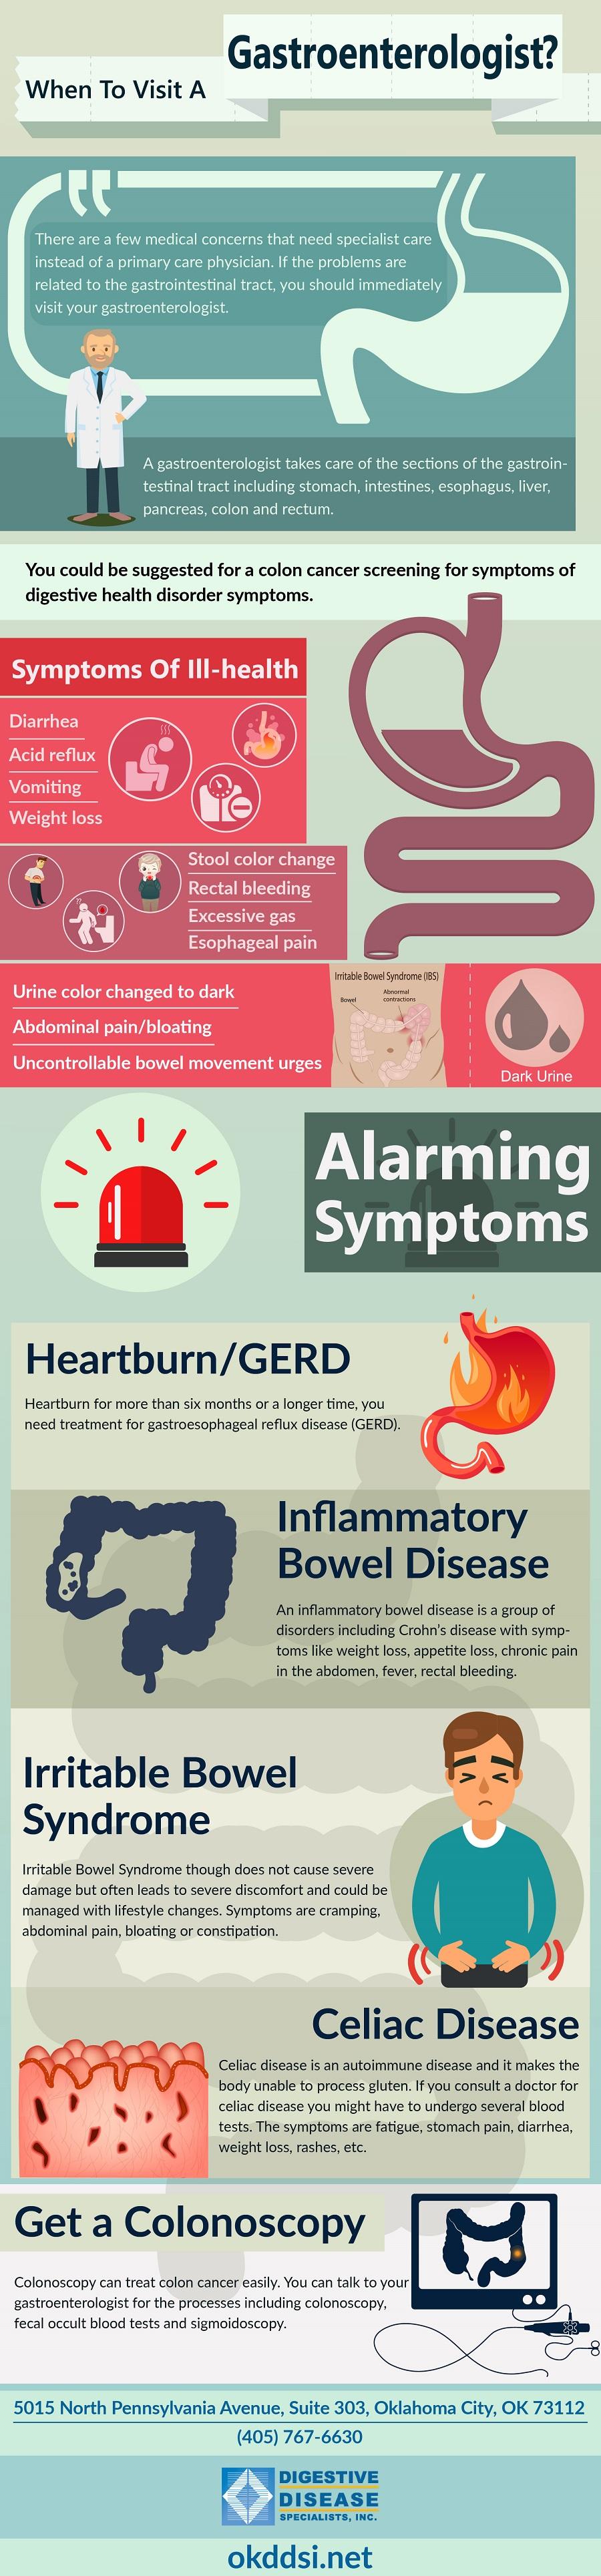 When To Visit A Gastroenterologist